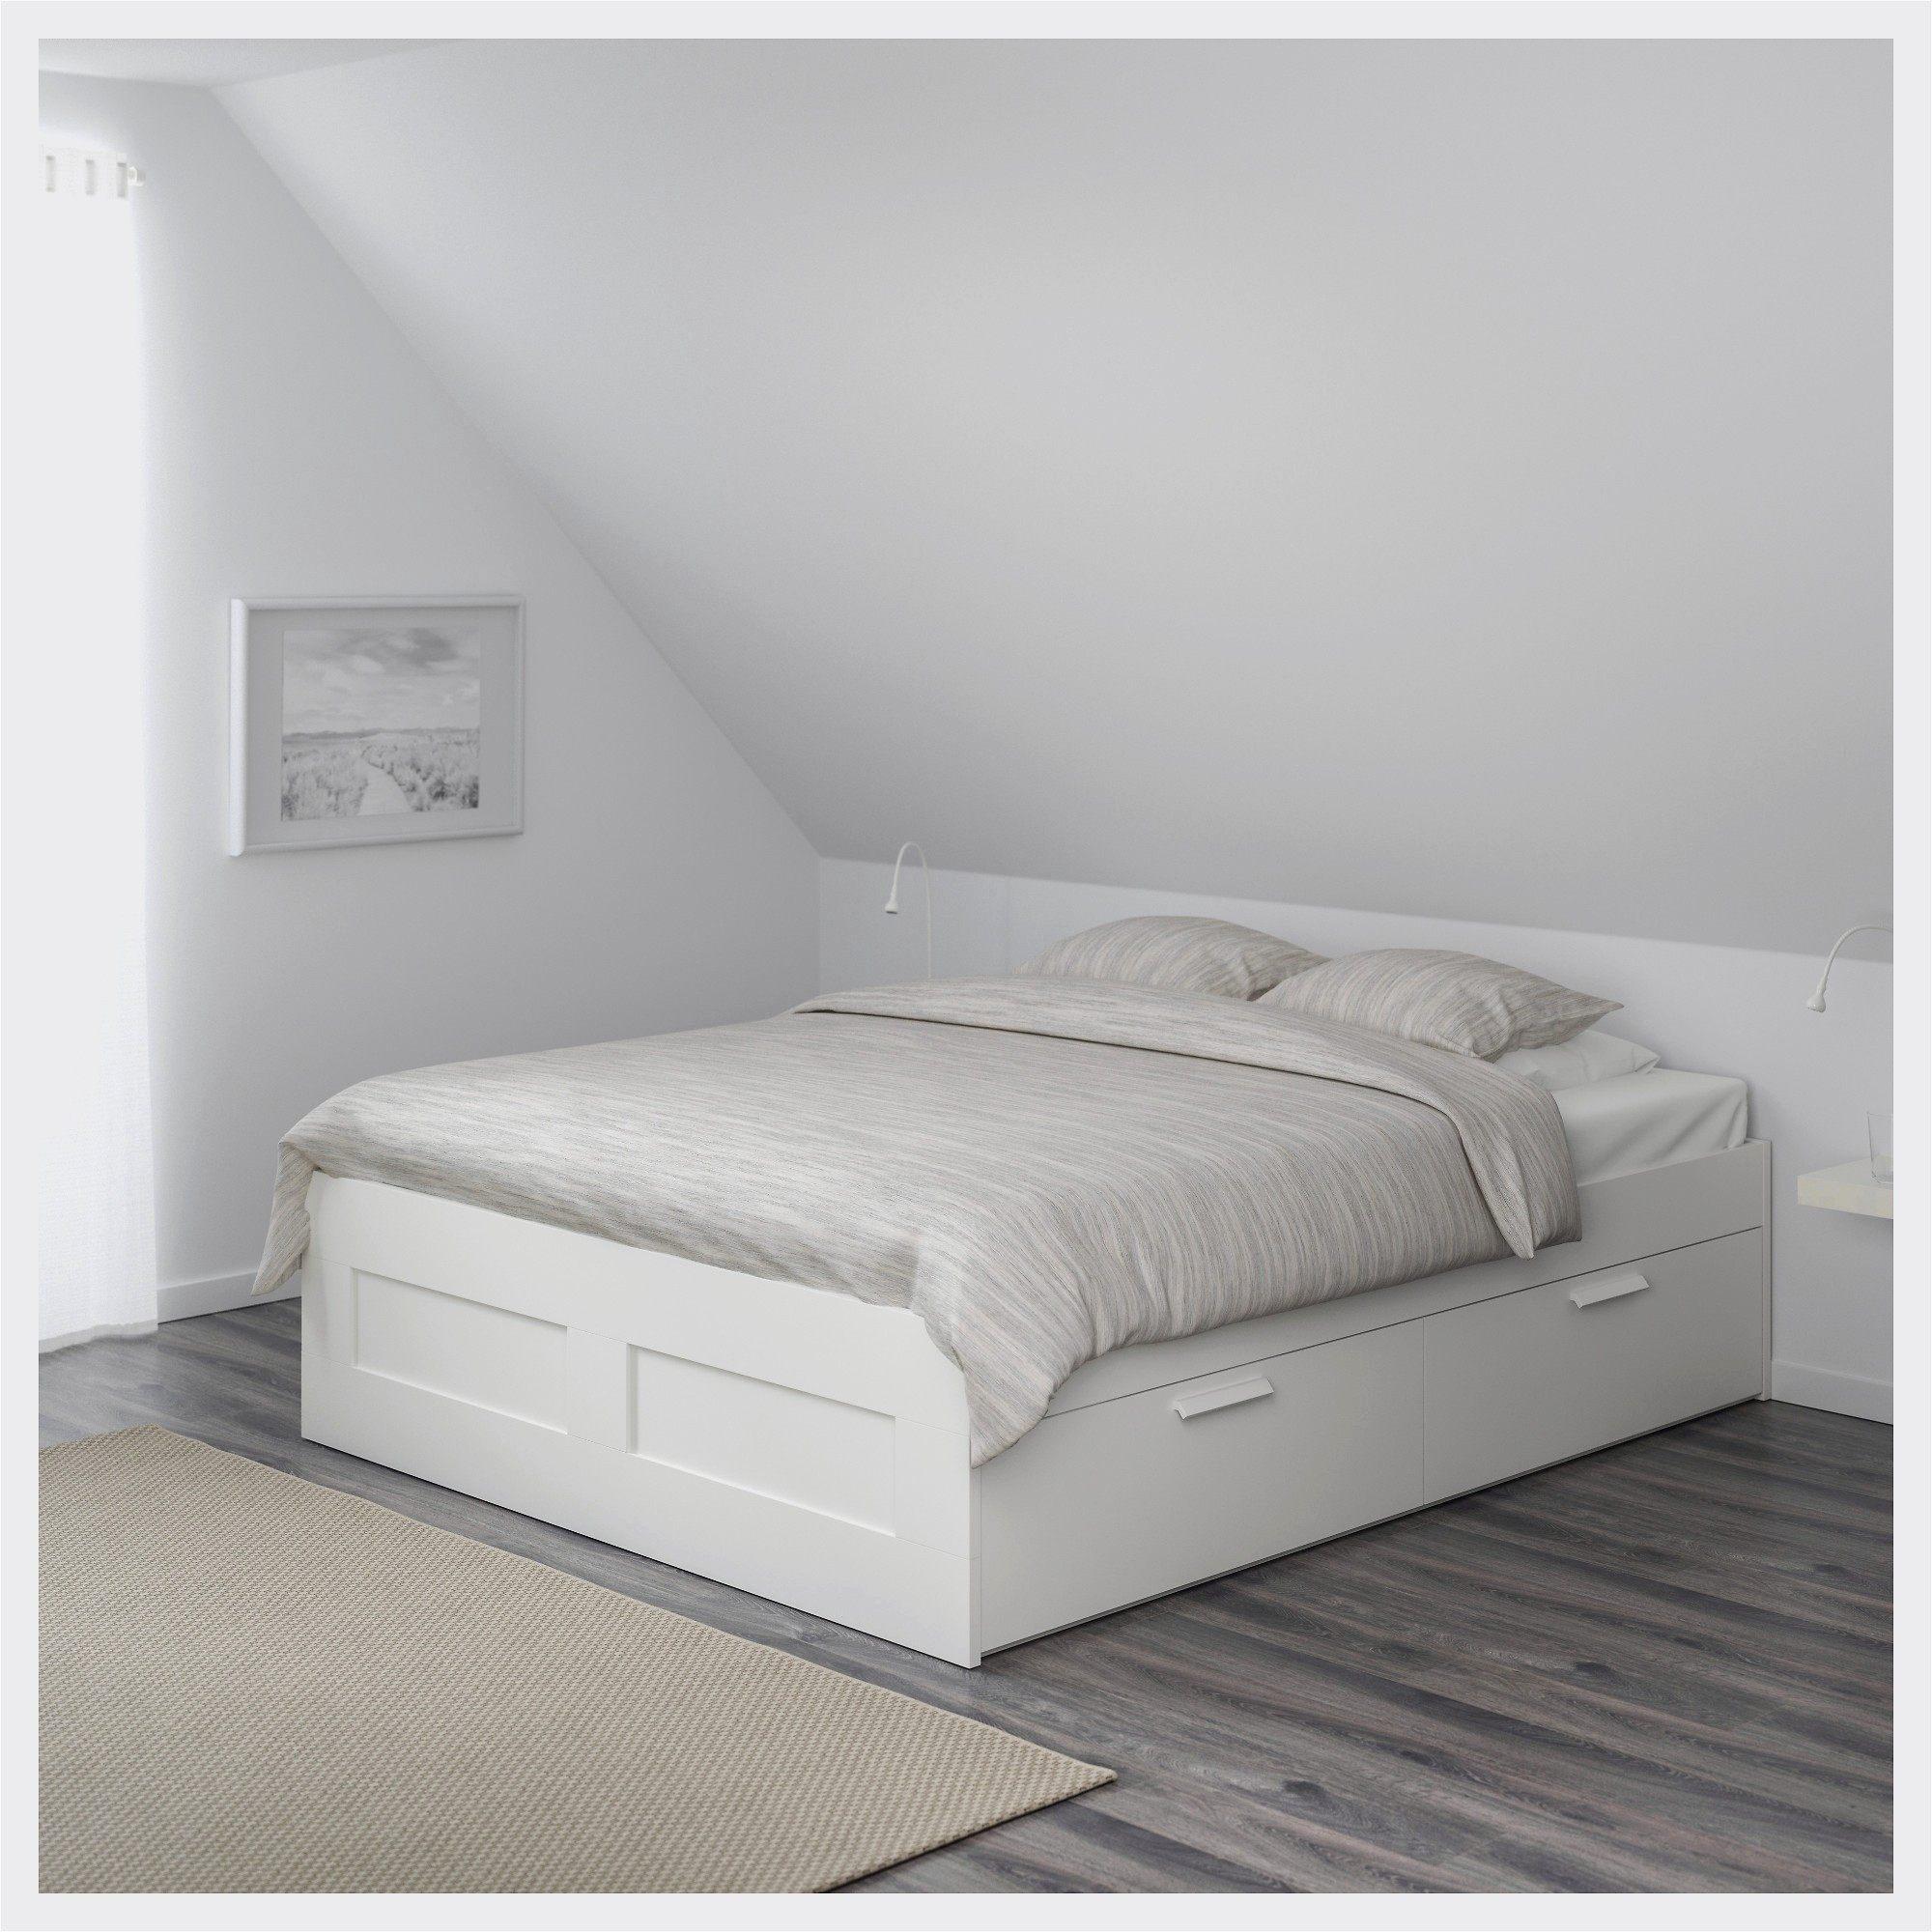 Tete De Lit Avec Chevet Luxe Tªte De Lit 160 Avec Rangement Lit Avec Chevet Intégré Ikea